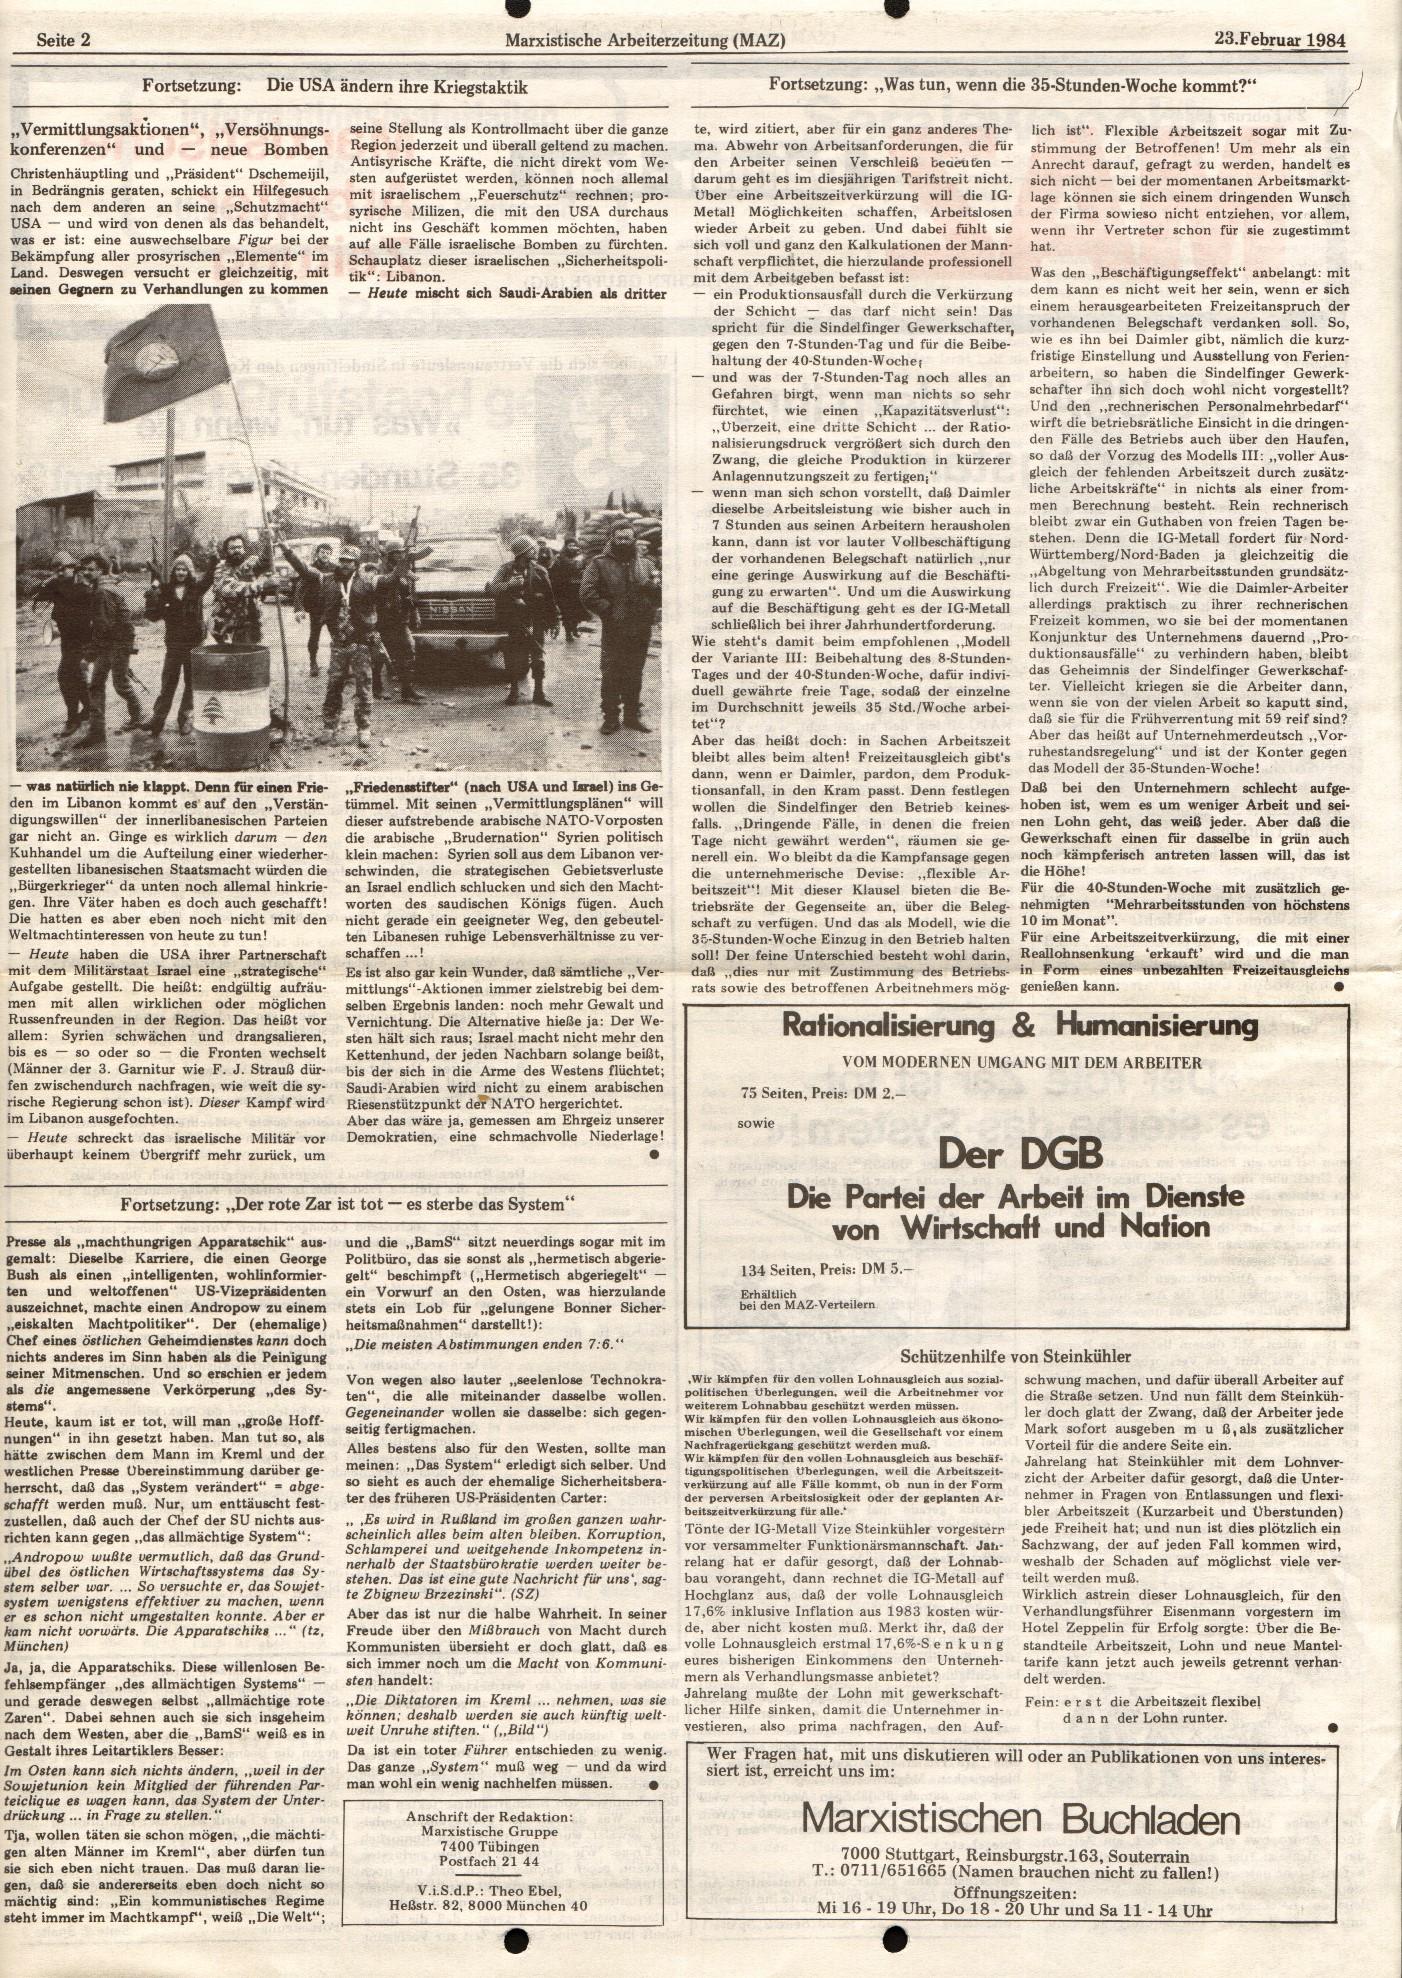 BW_MG_Marxistische_Arbeiterzeitung_19840223_02